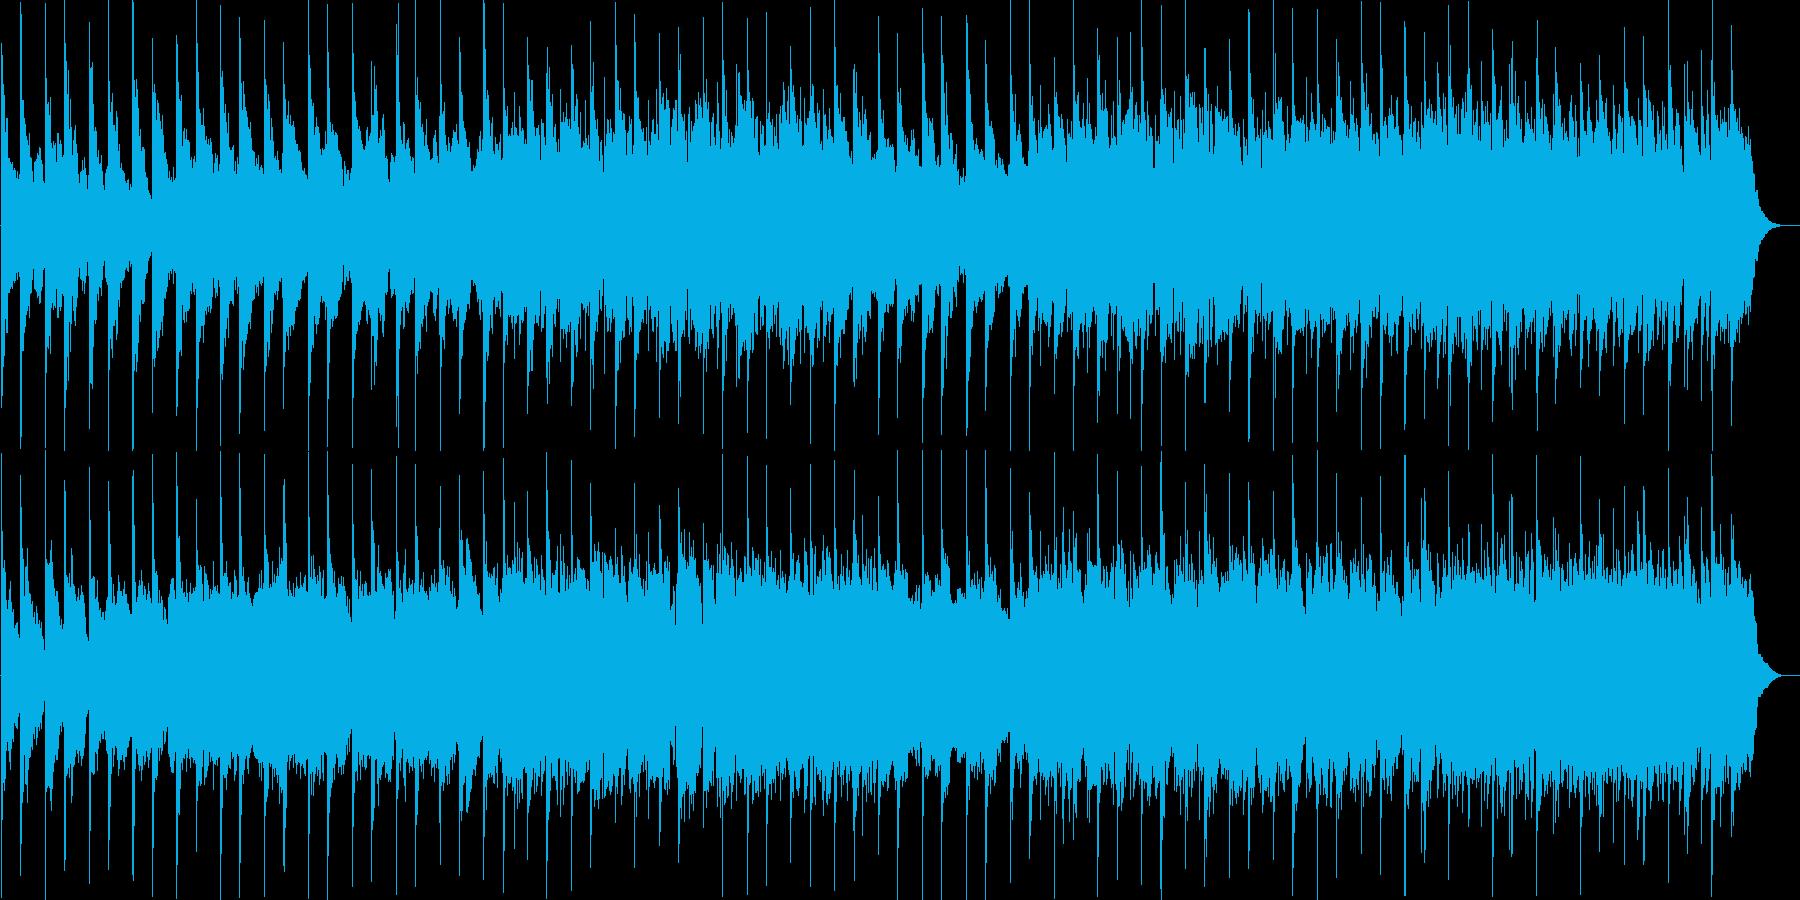 幻想的で儚げなアンビエント曲の再生済みの波形